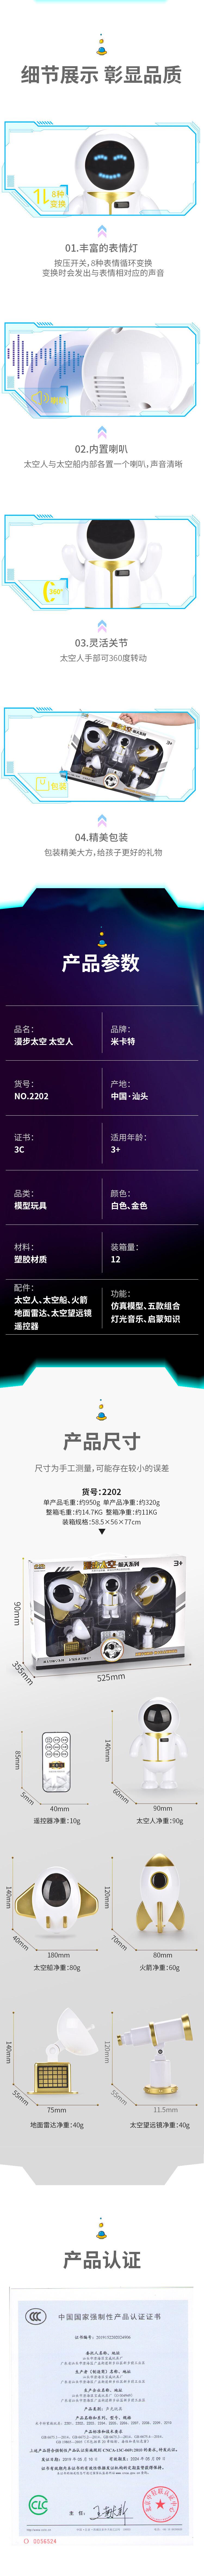 宝威-(2202)-太空人系列-中文版详情_03.jpg